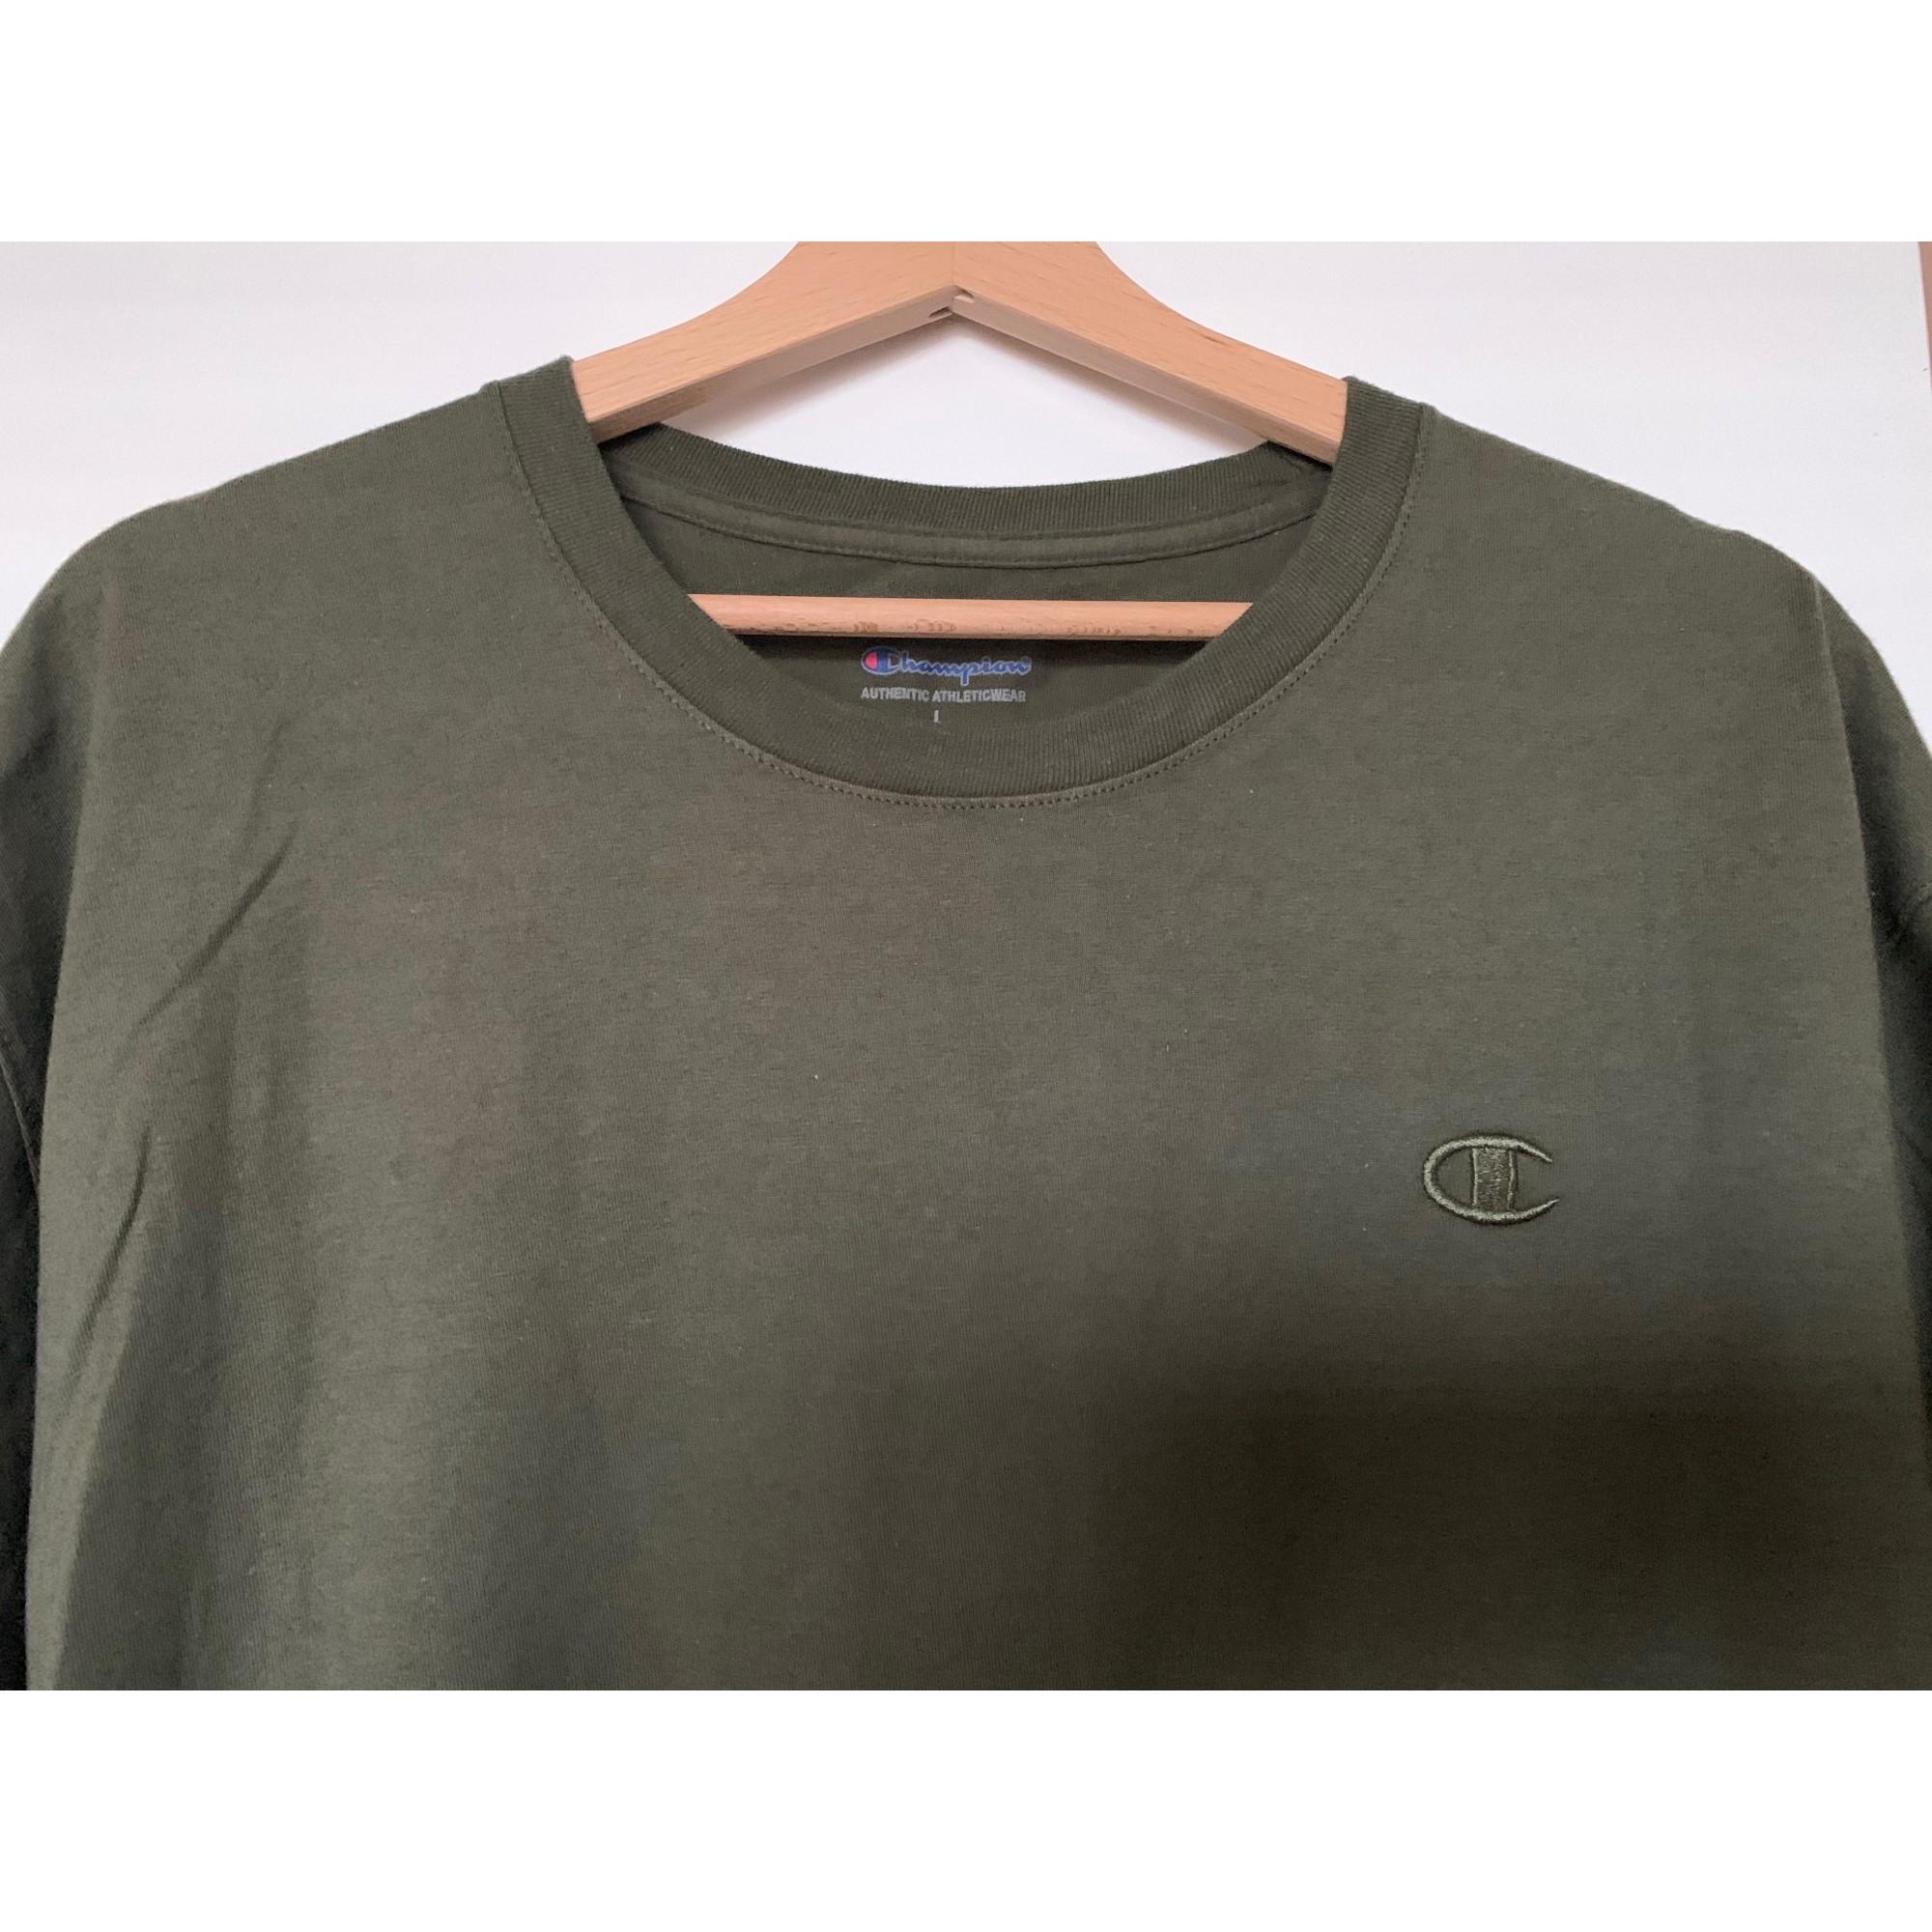 Tee-shirt CHAMPION Vert/kaki